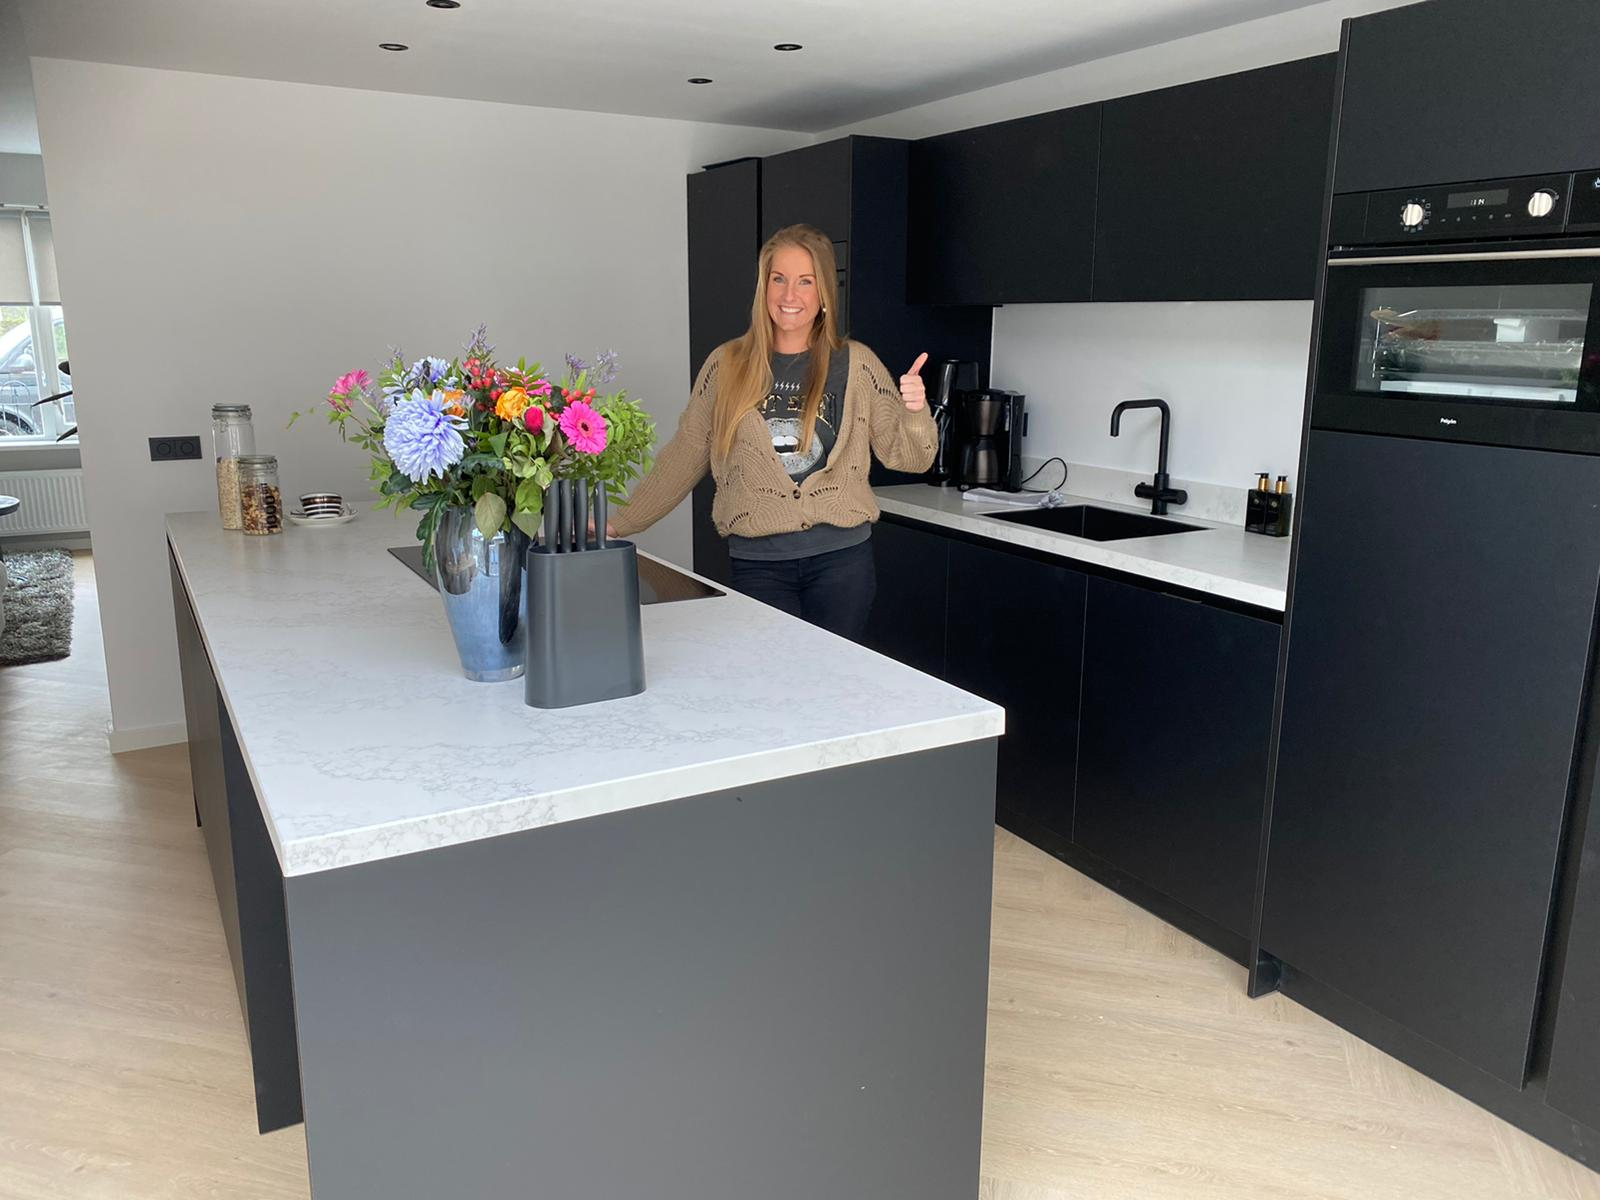 Keuken, vinyl PVC vloer en zwarte deuren